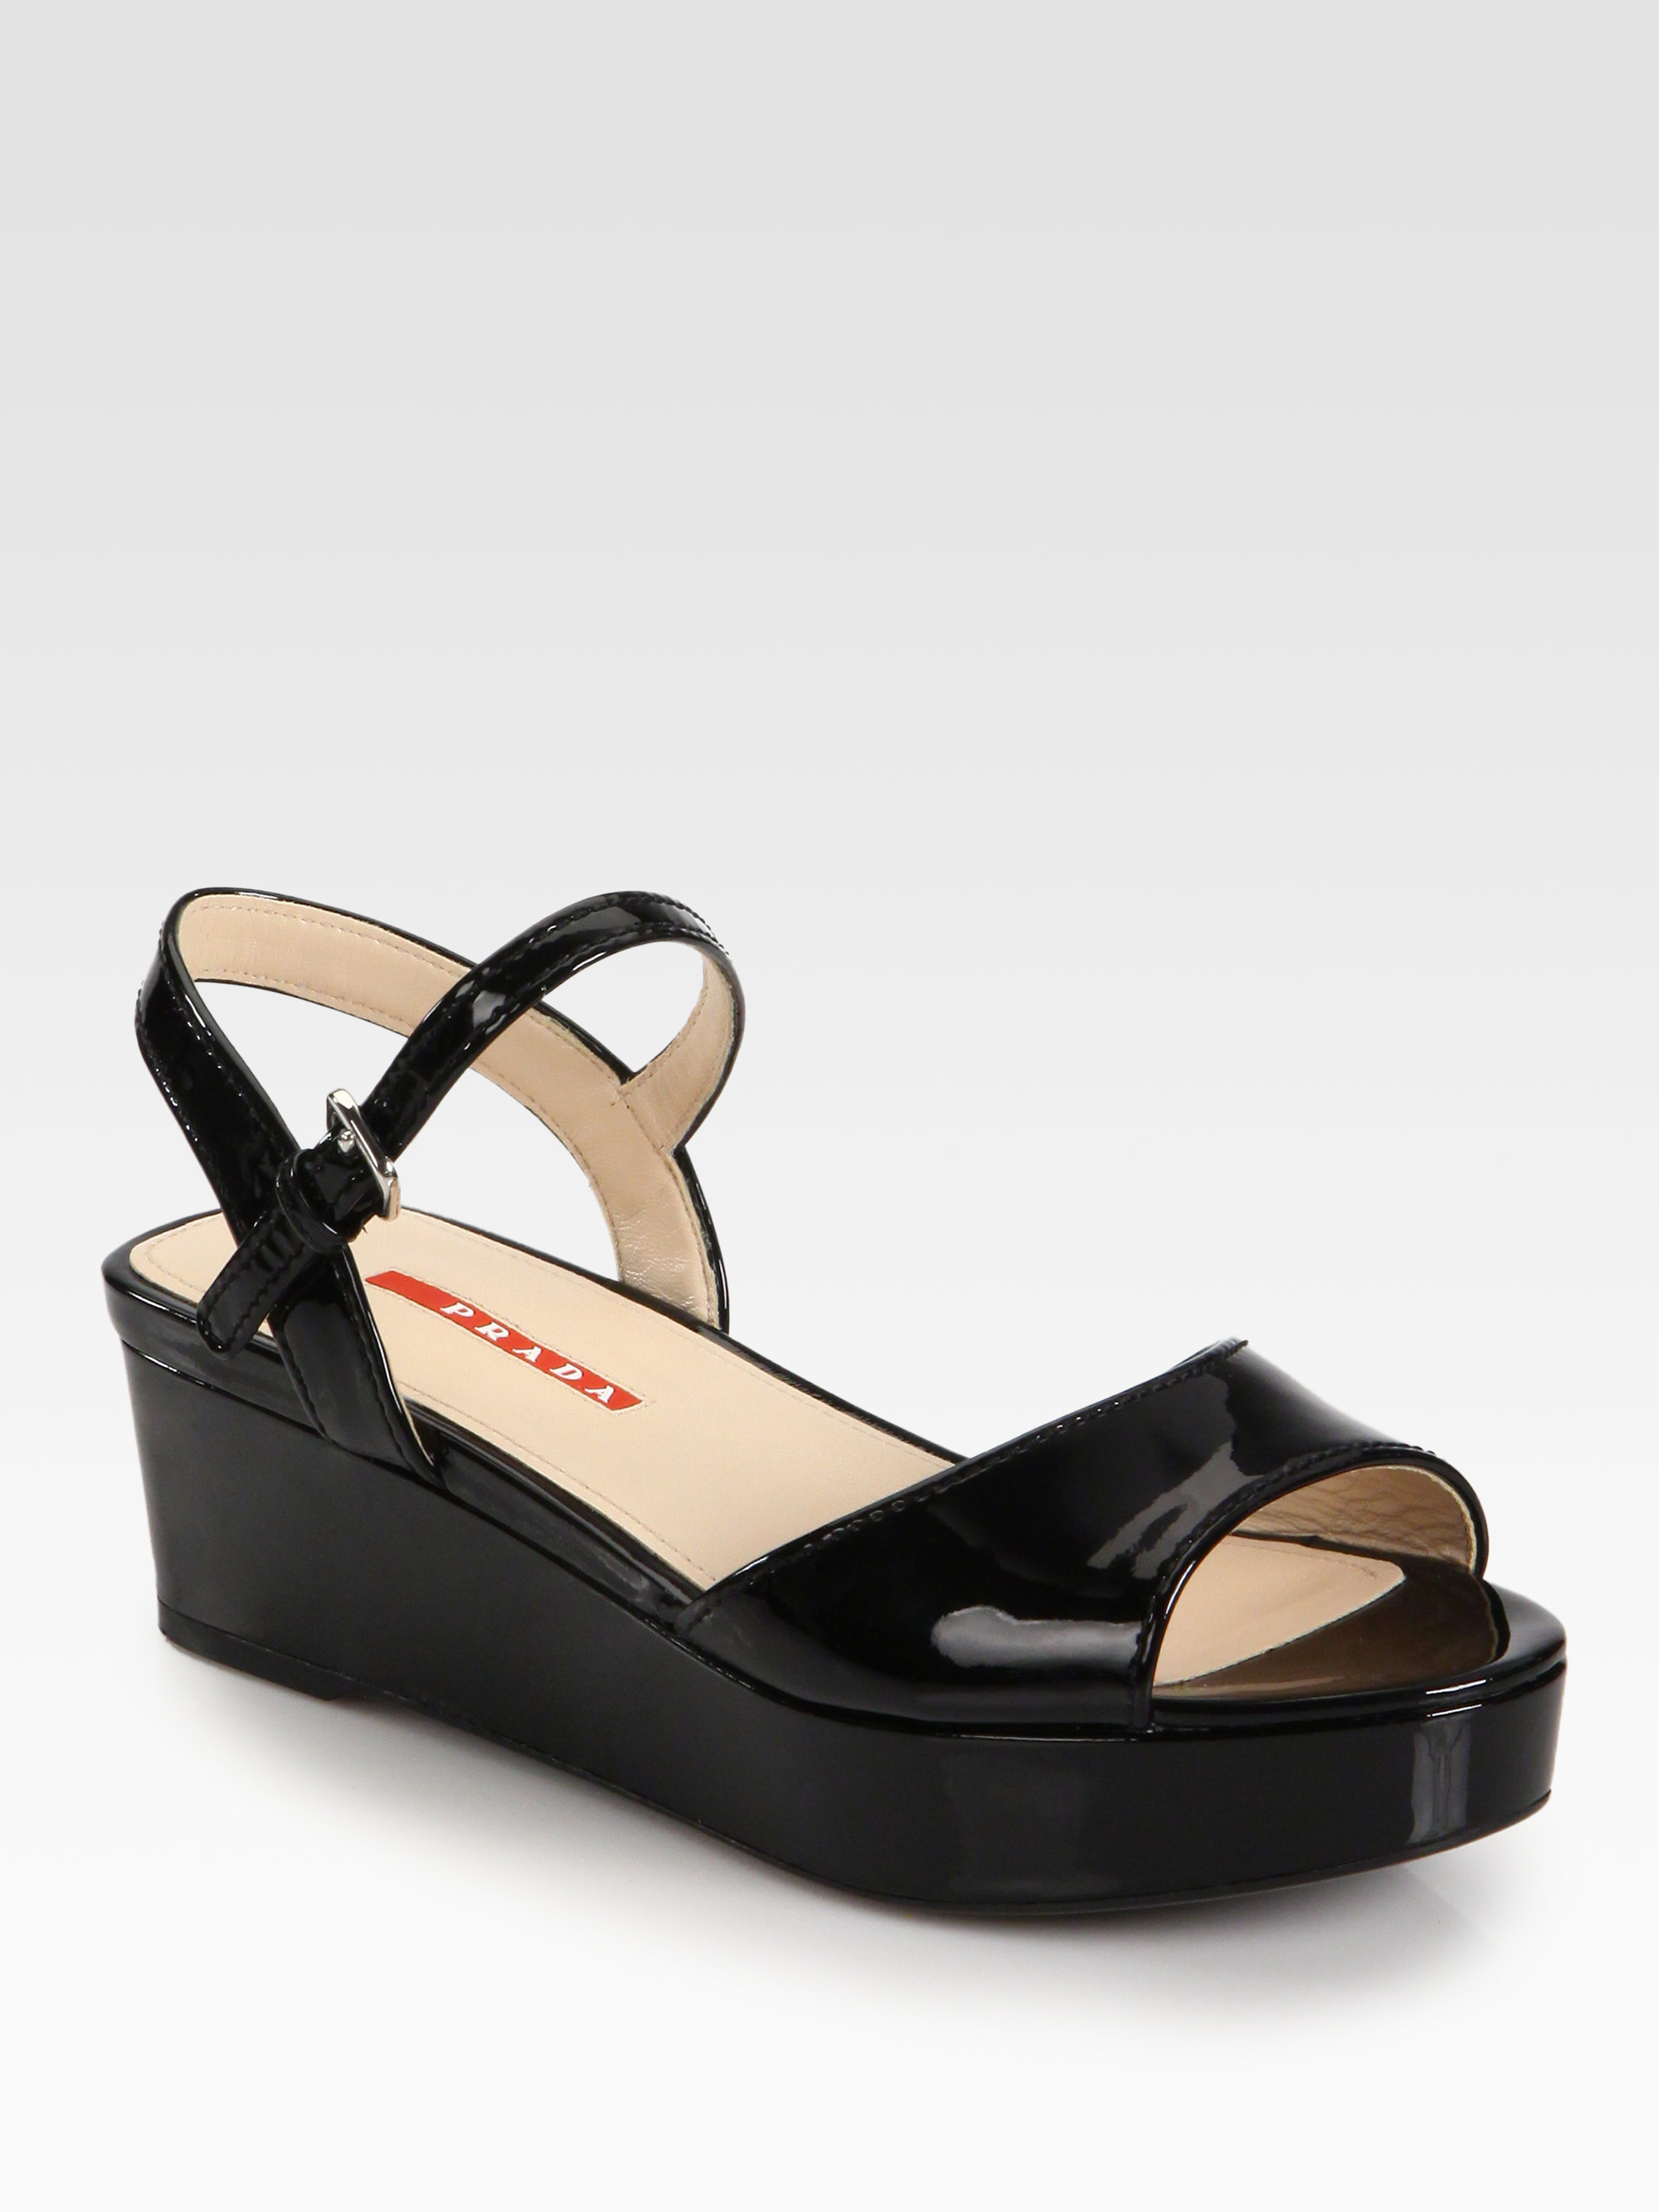 prada patent leather platform sandals in black nero black